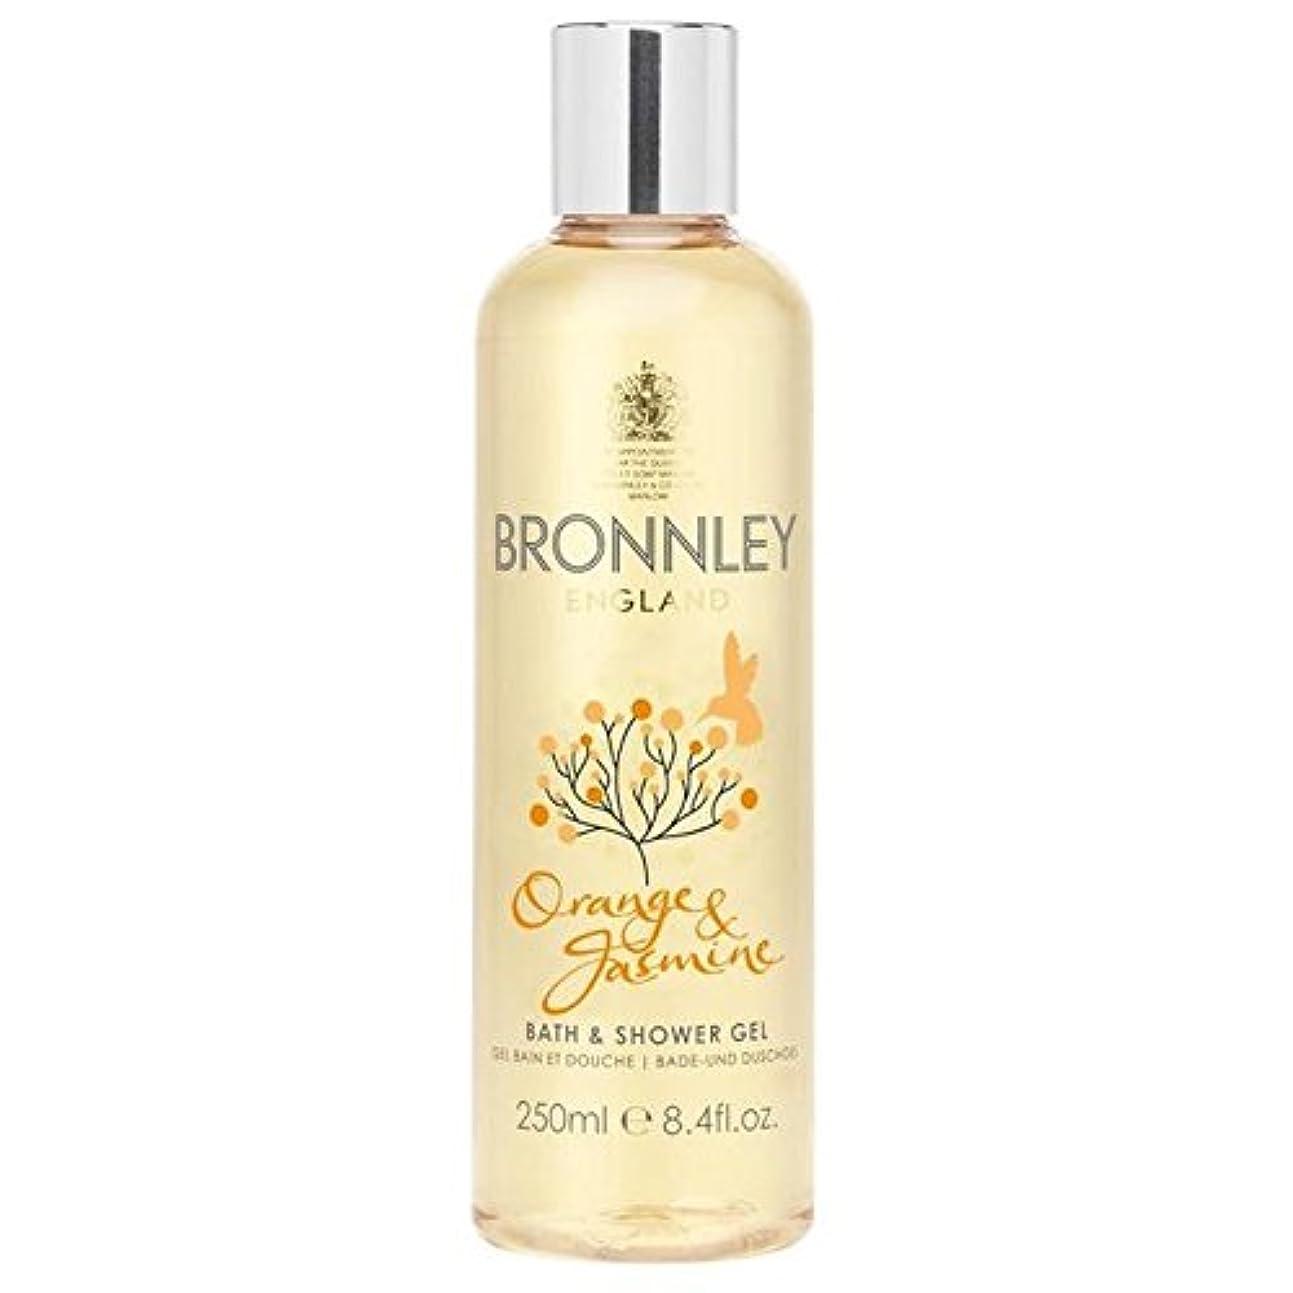 オレンジ&ジャスミンバス&シャワージェル250ミリリットル x2 - Bronnley Orange & Jasmine Bath & Shower Gel 250ml (Pack of 2) [並行輸入品]